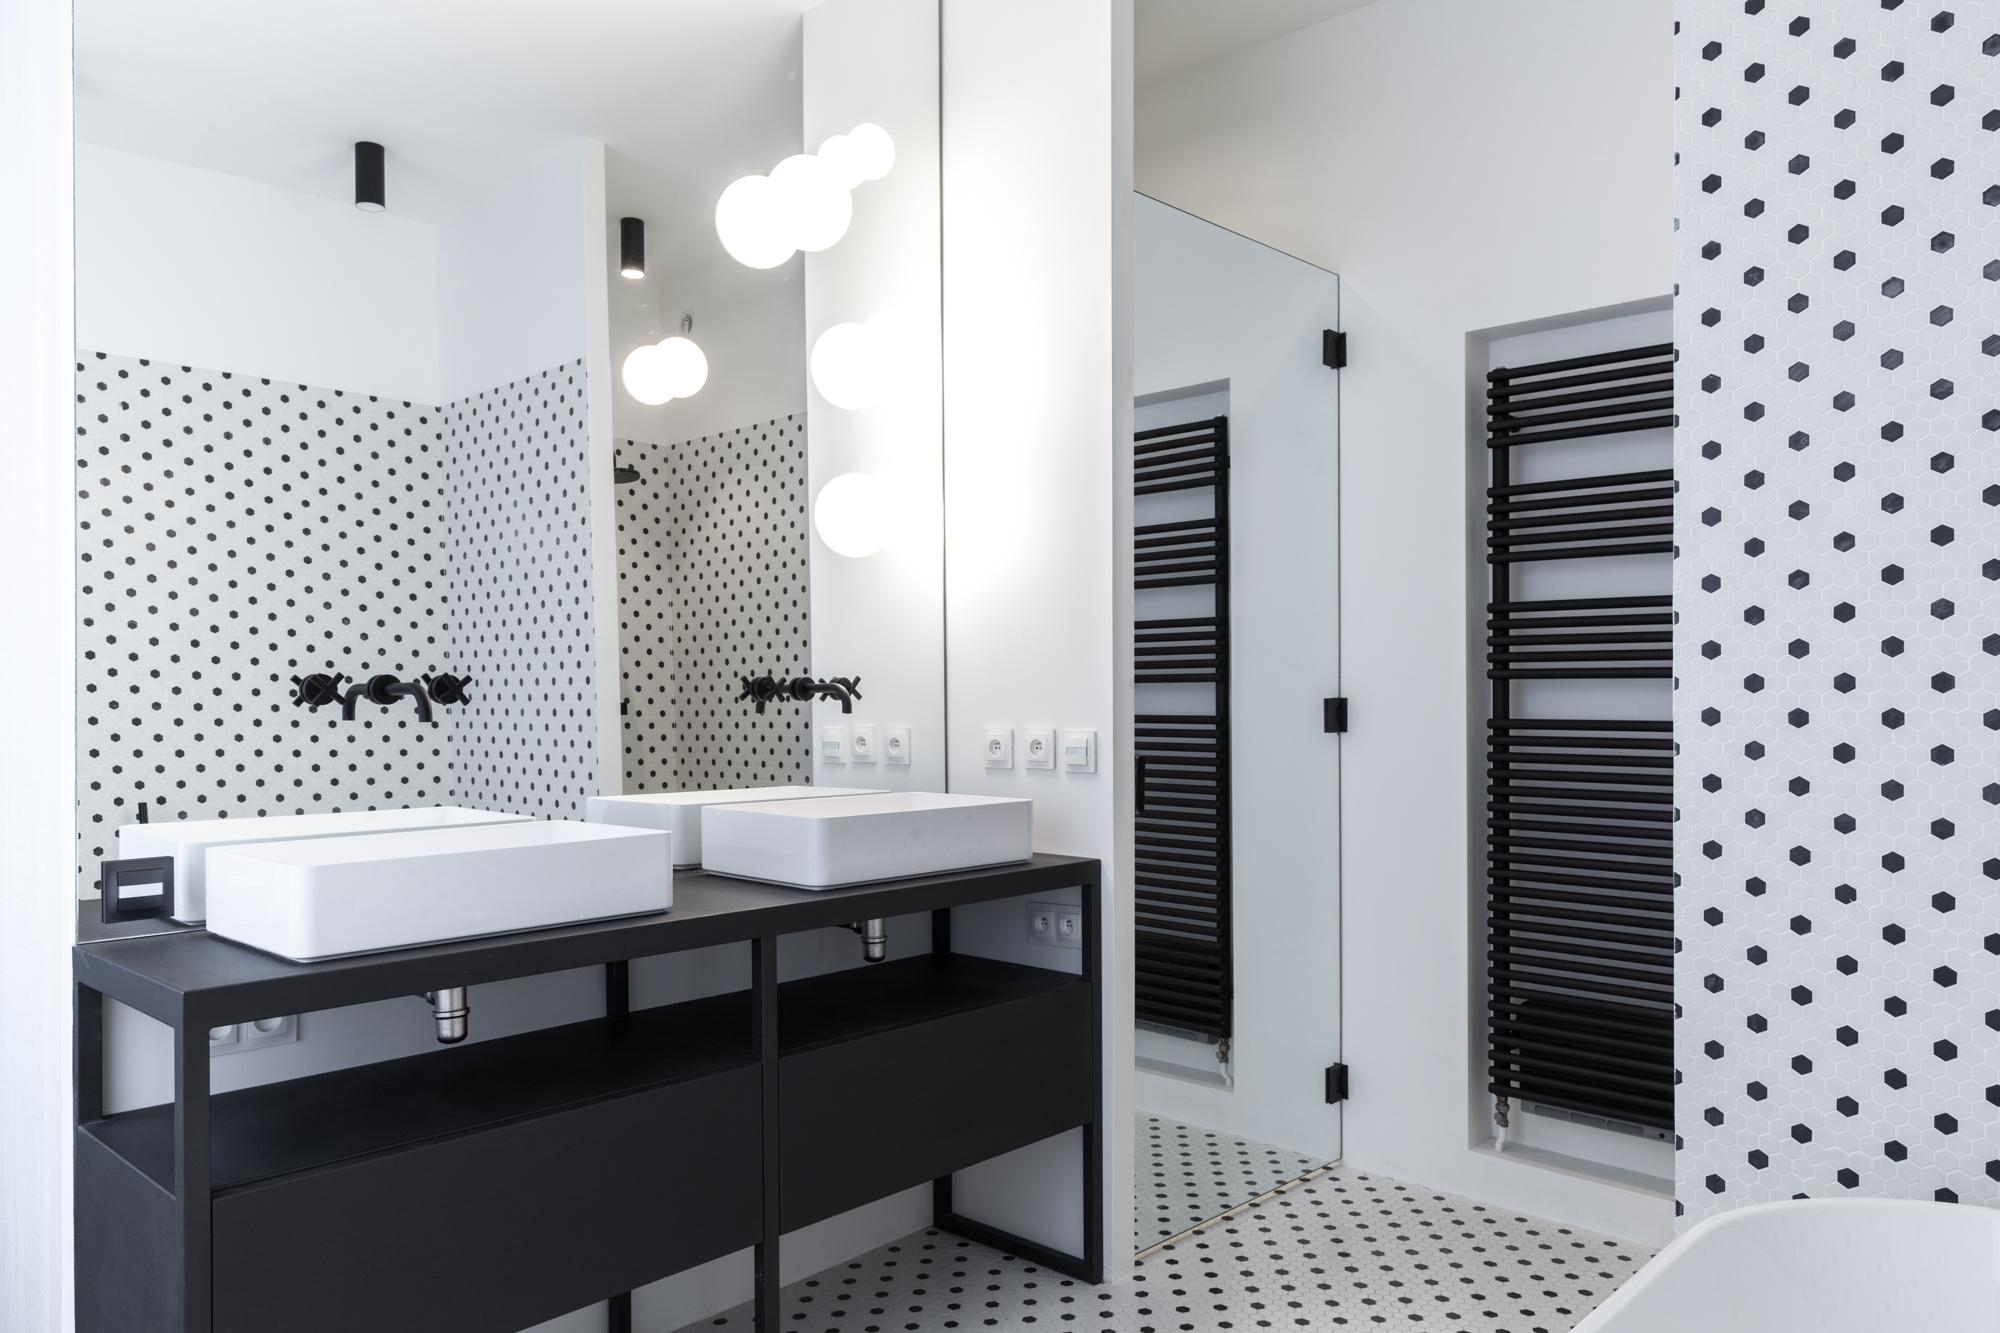 Proyecto-hisbalit-Hotel Marette-IMG_1497-Modifier